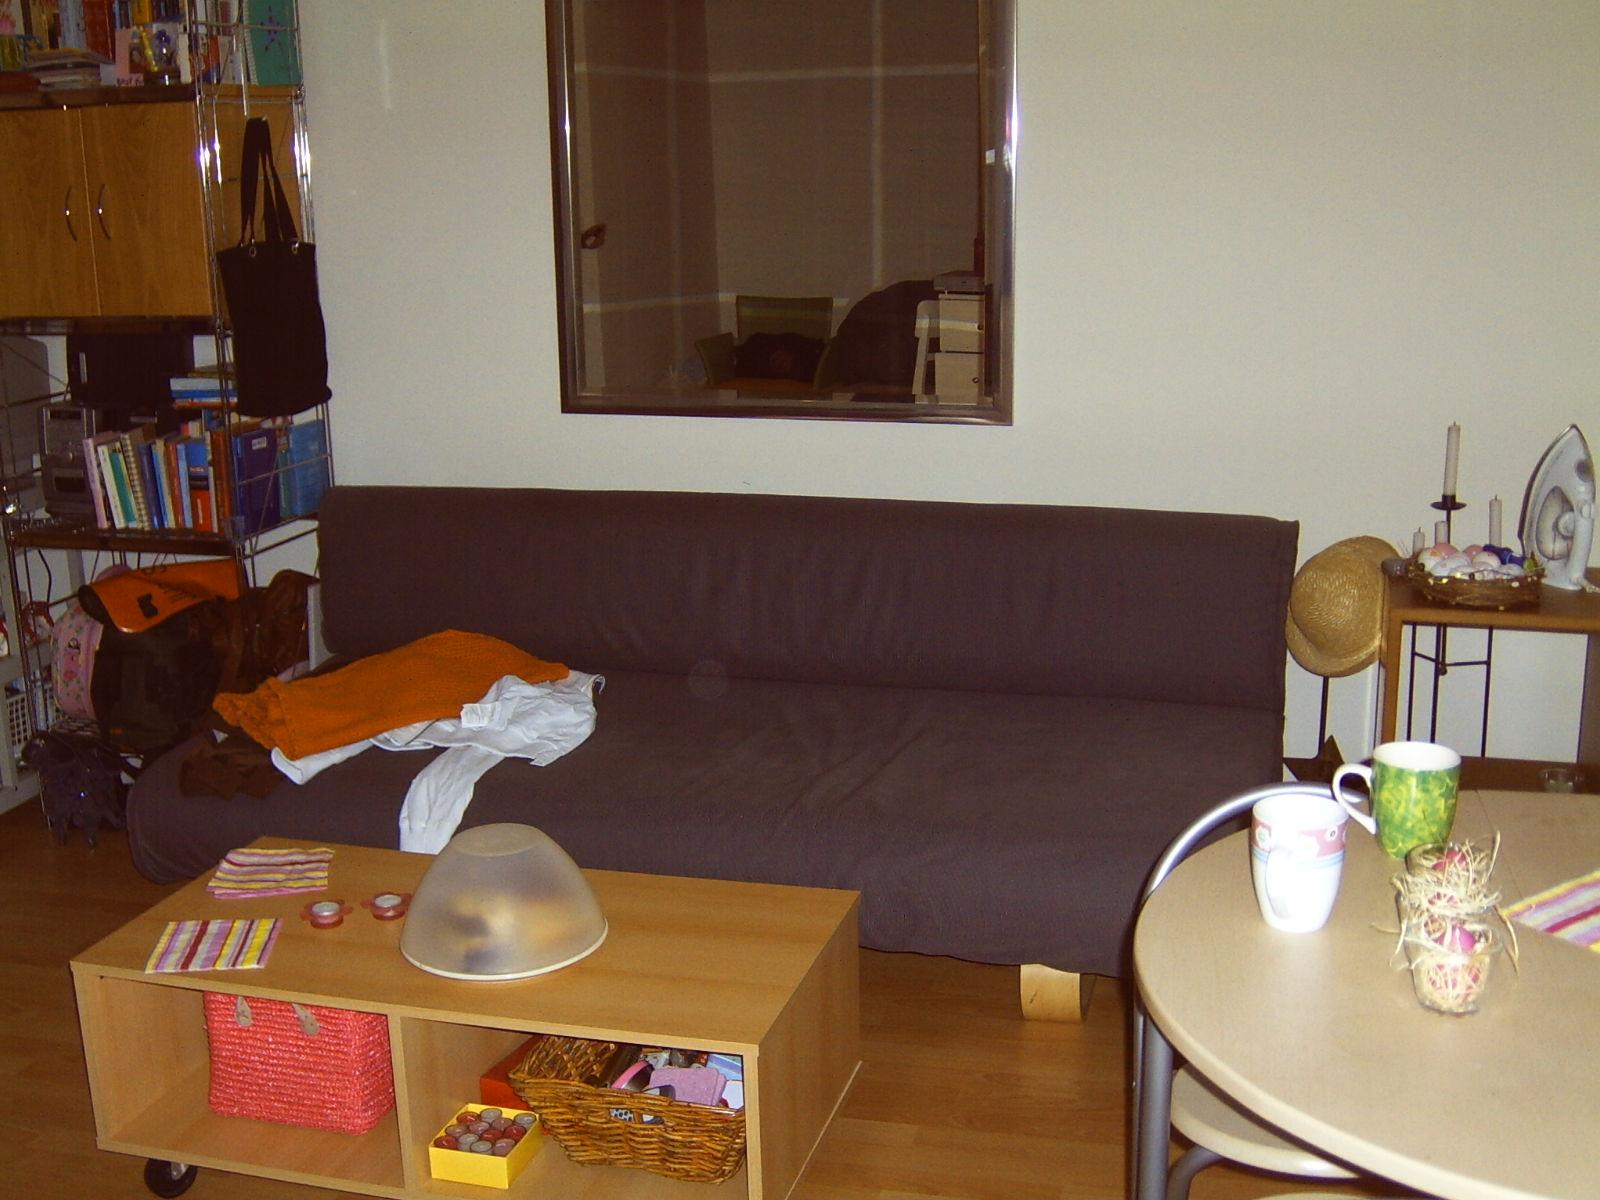 Möbel und Haushalt Kleinanzeigen in Geretsried